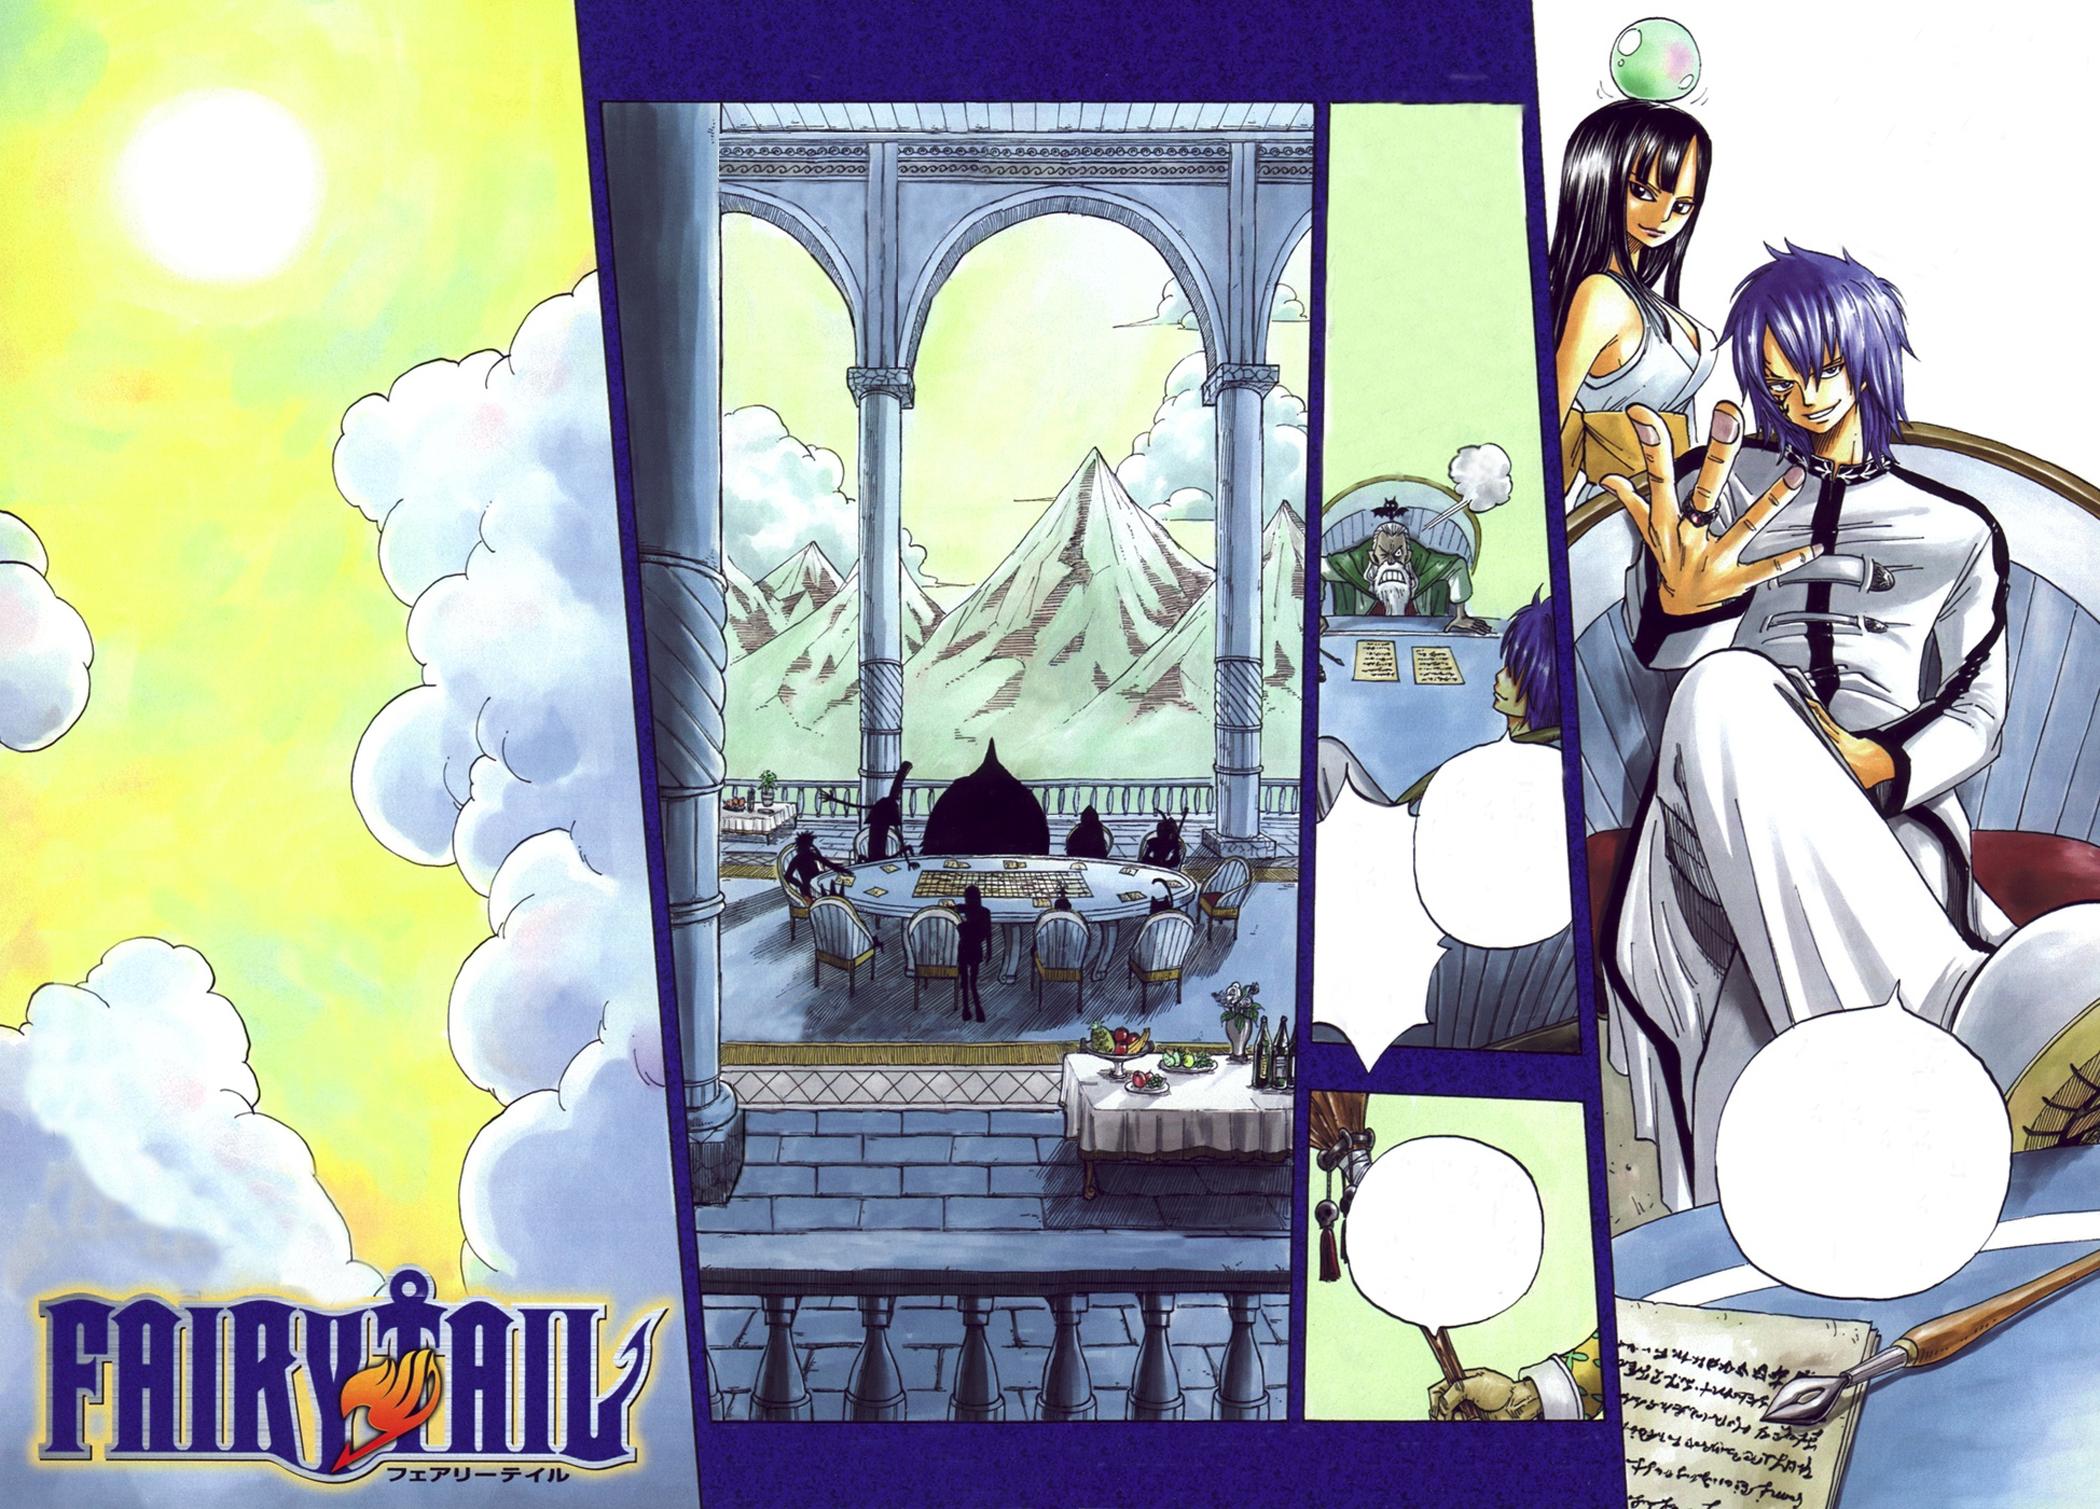 Fairy Tail: Ultear Milkovich - Picture